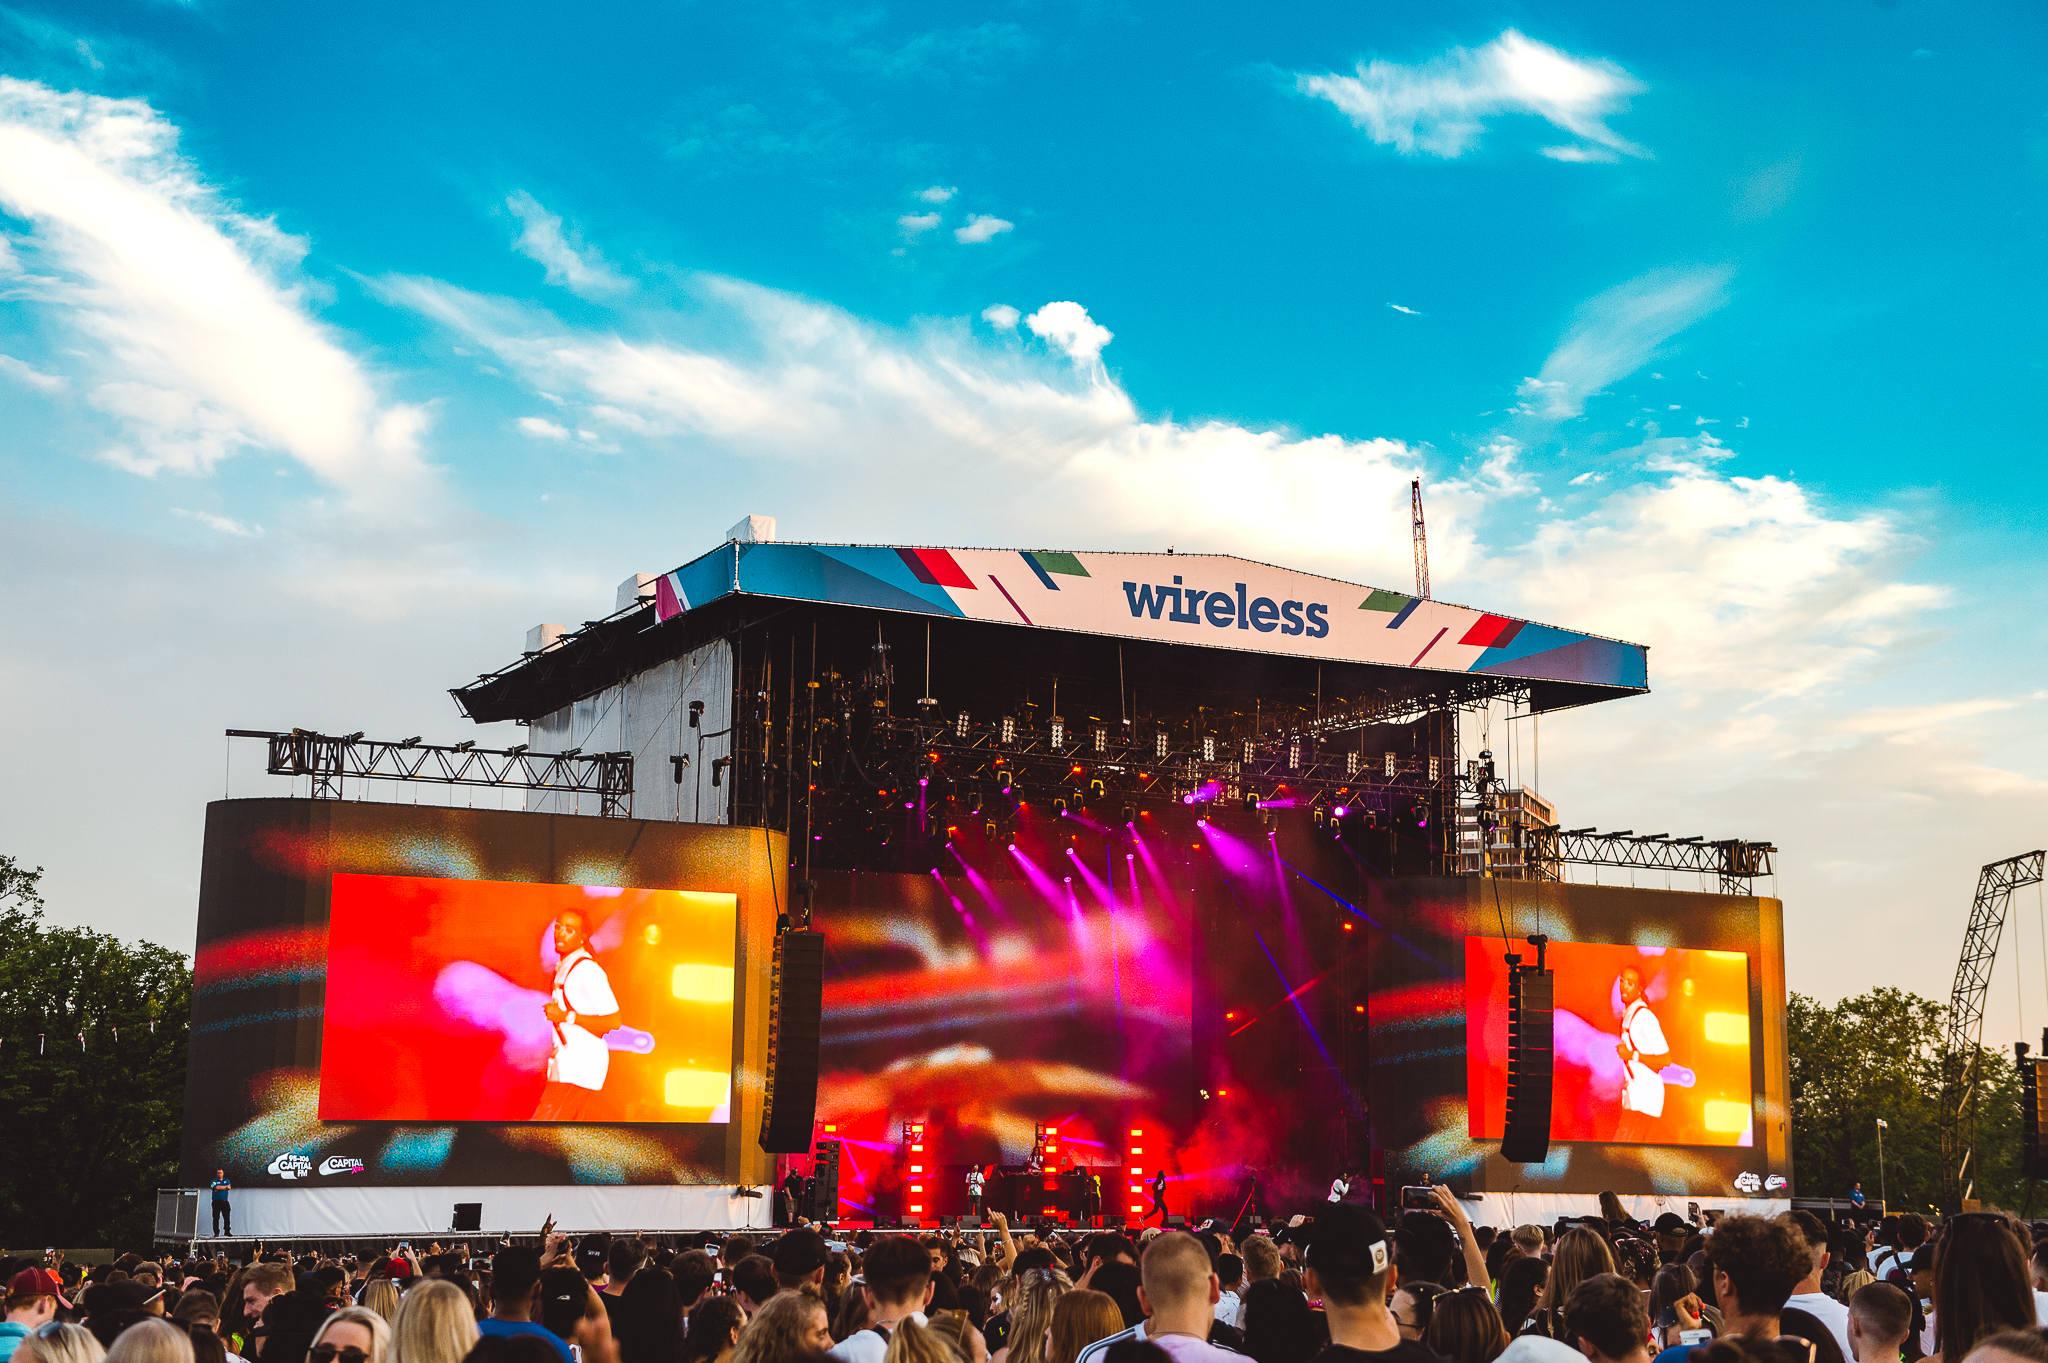 wireless-festival-2021